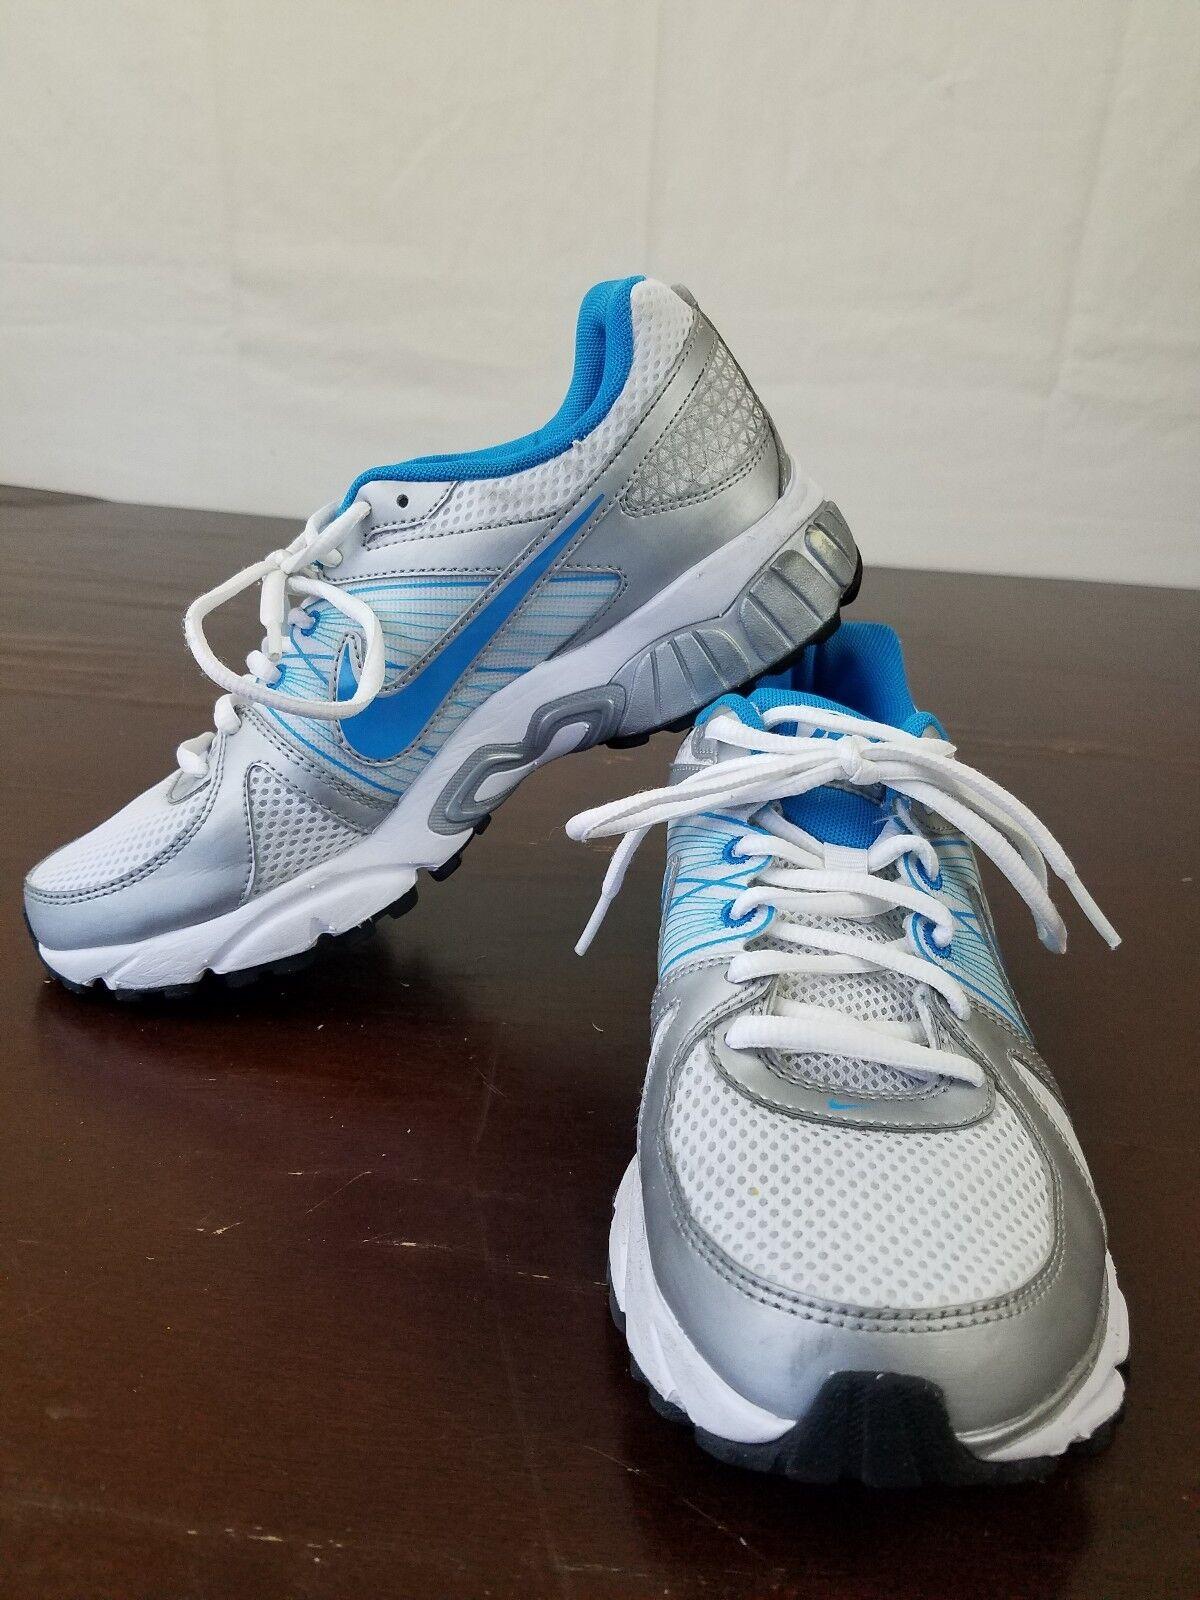 Nike donna fitsole merletto scarpa da corsa, sz 9 noi 6,5 cm nike air | Eccellente qualità  | Uomini/Donne Scarpa